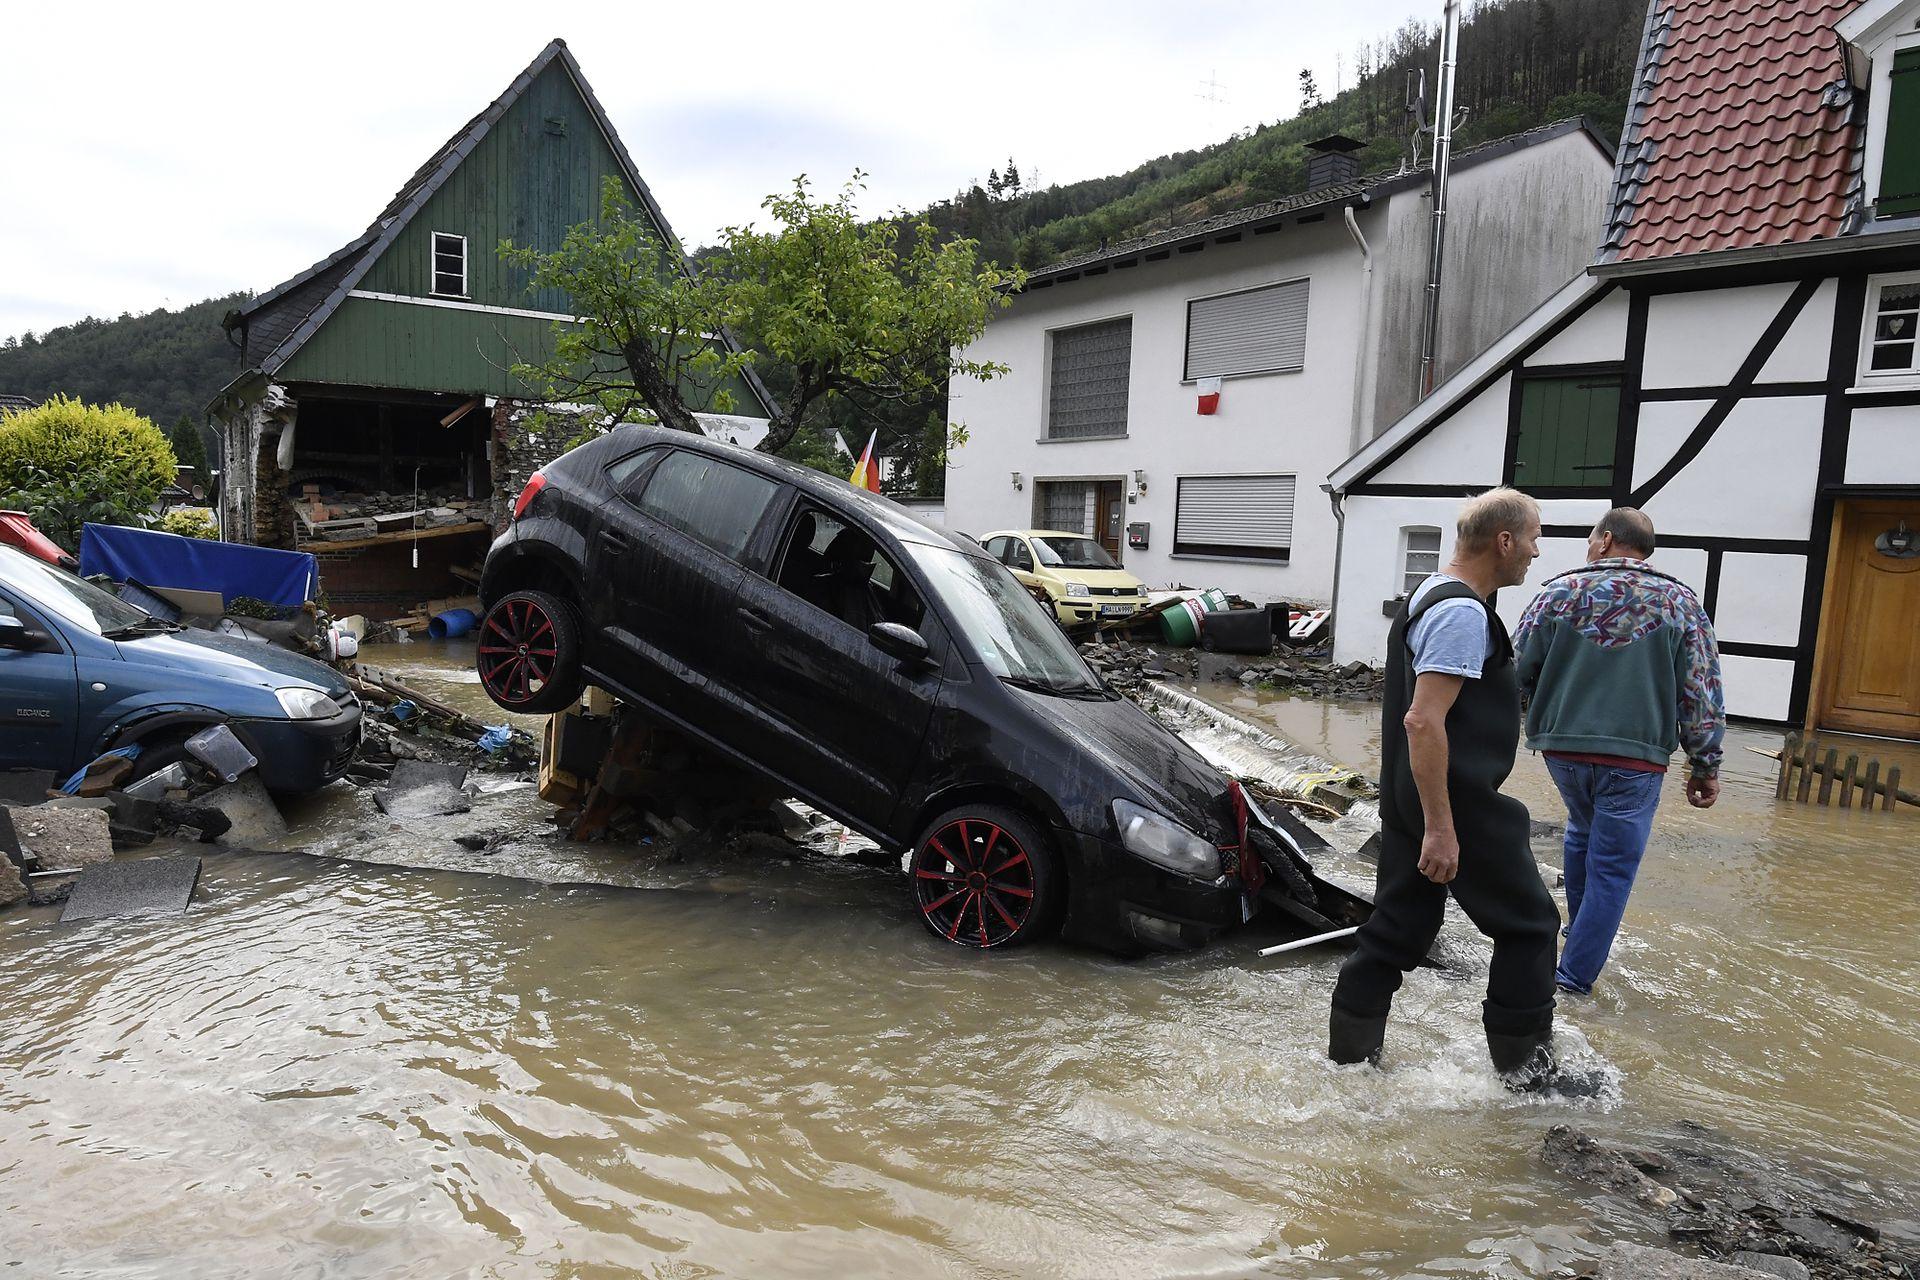 Los residentes evalúan los daños causados por la fuerza del agua